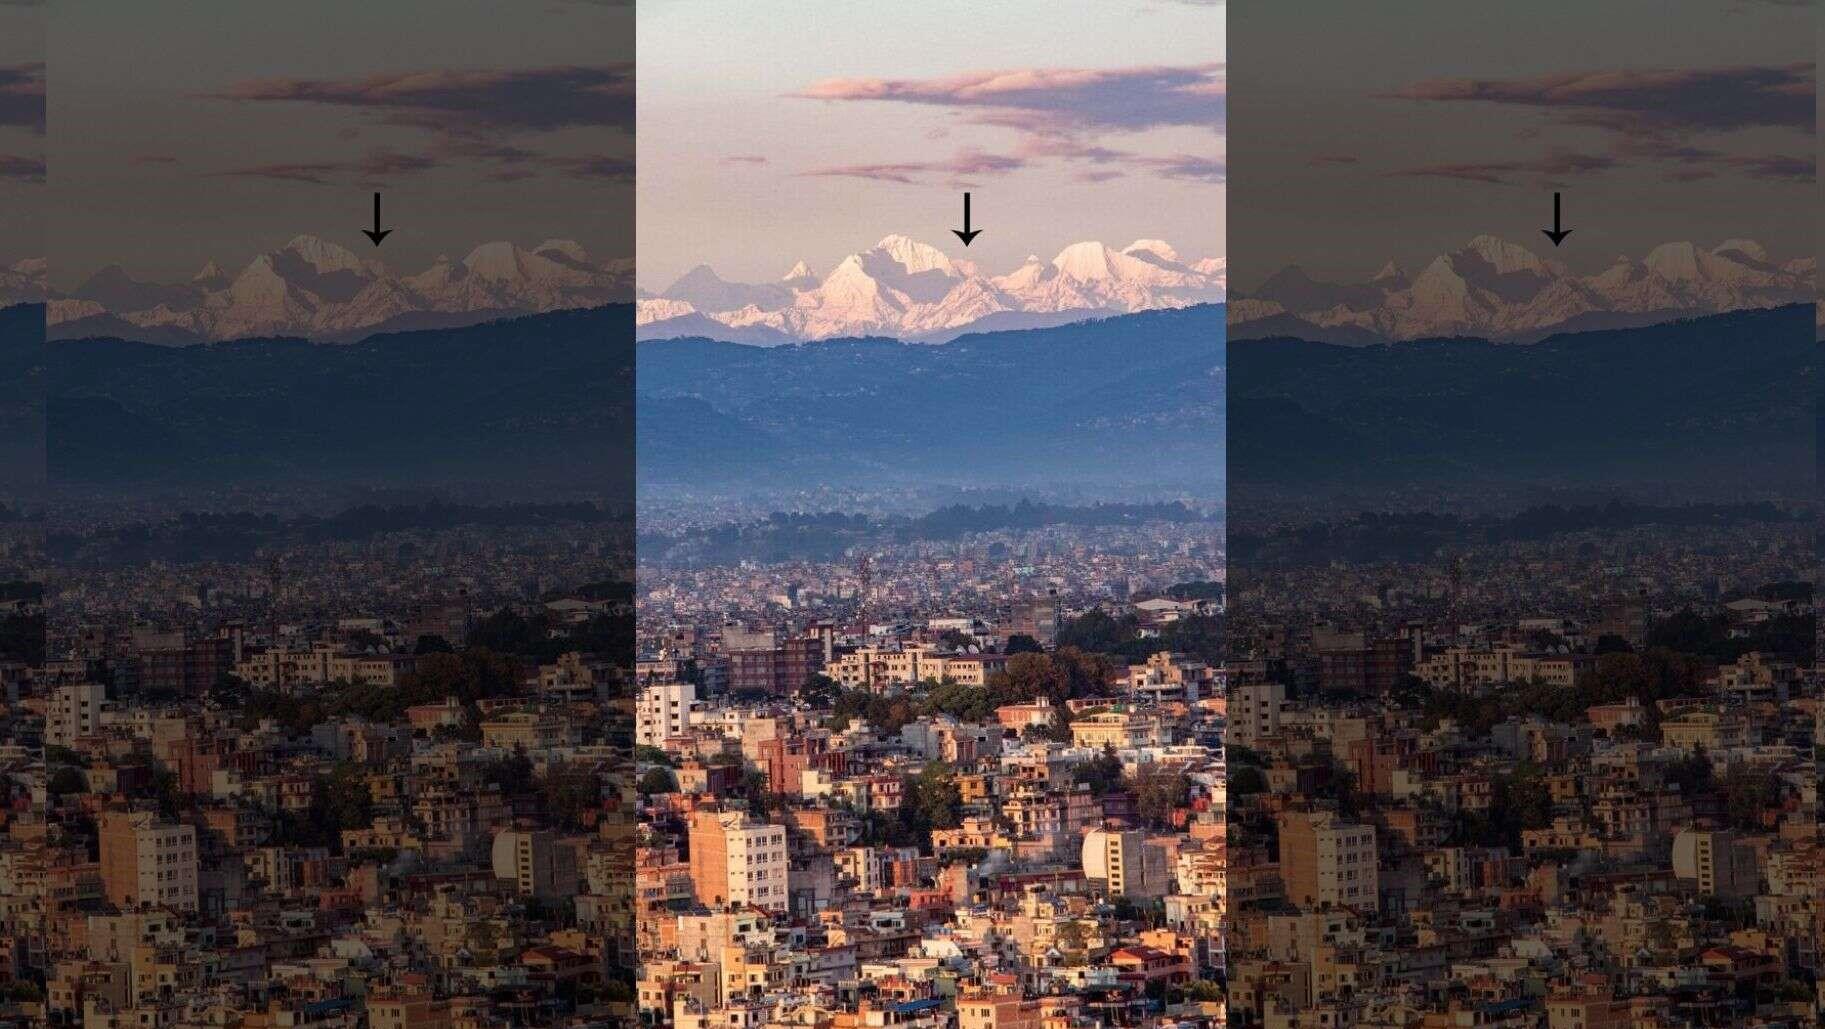 काठमाडौँबाटै देखियो दशकौँपछि सगरमाथाको दुर्लभ दृश्य !